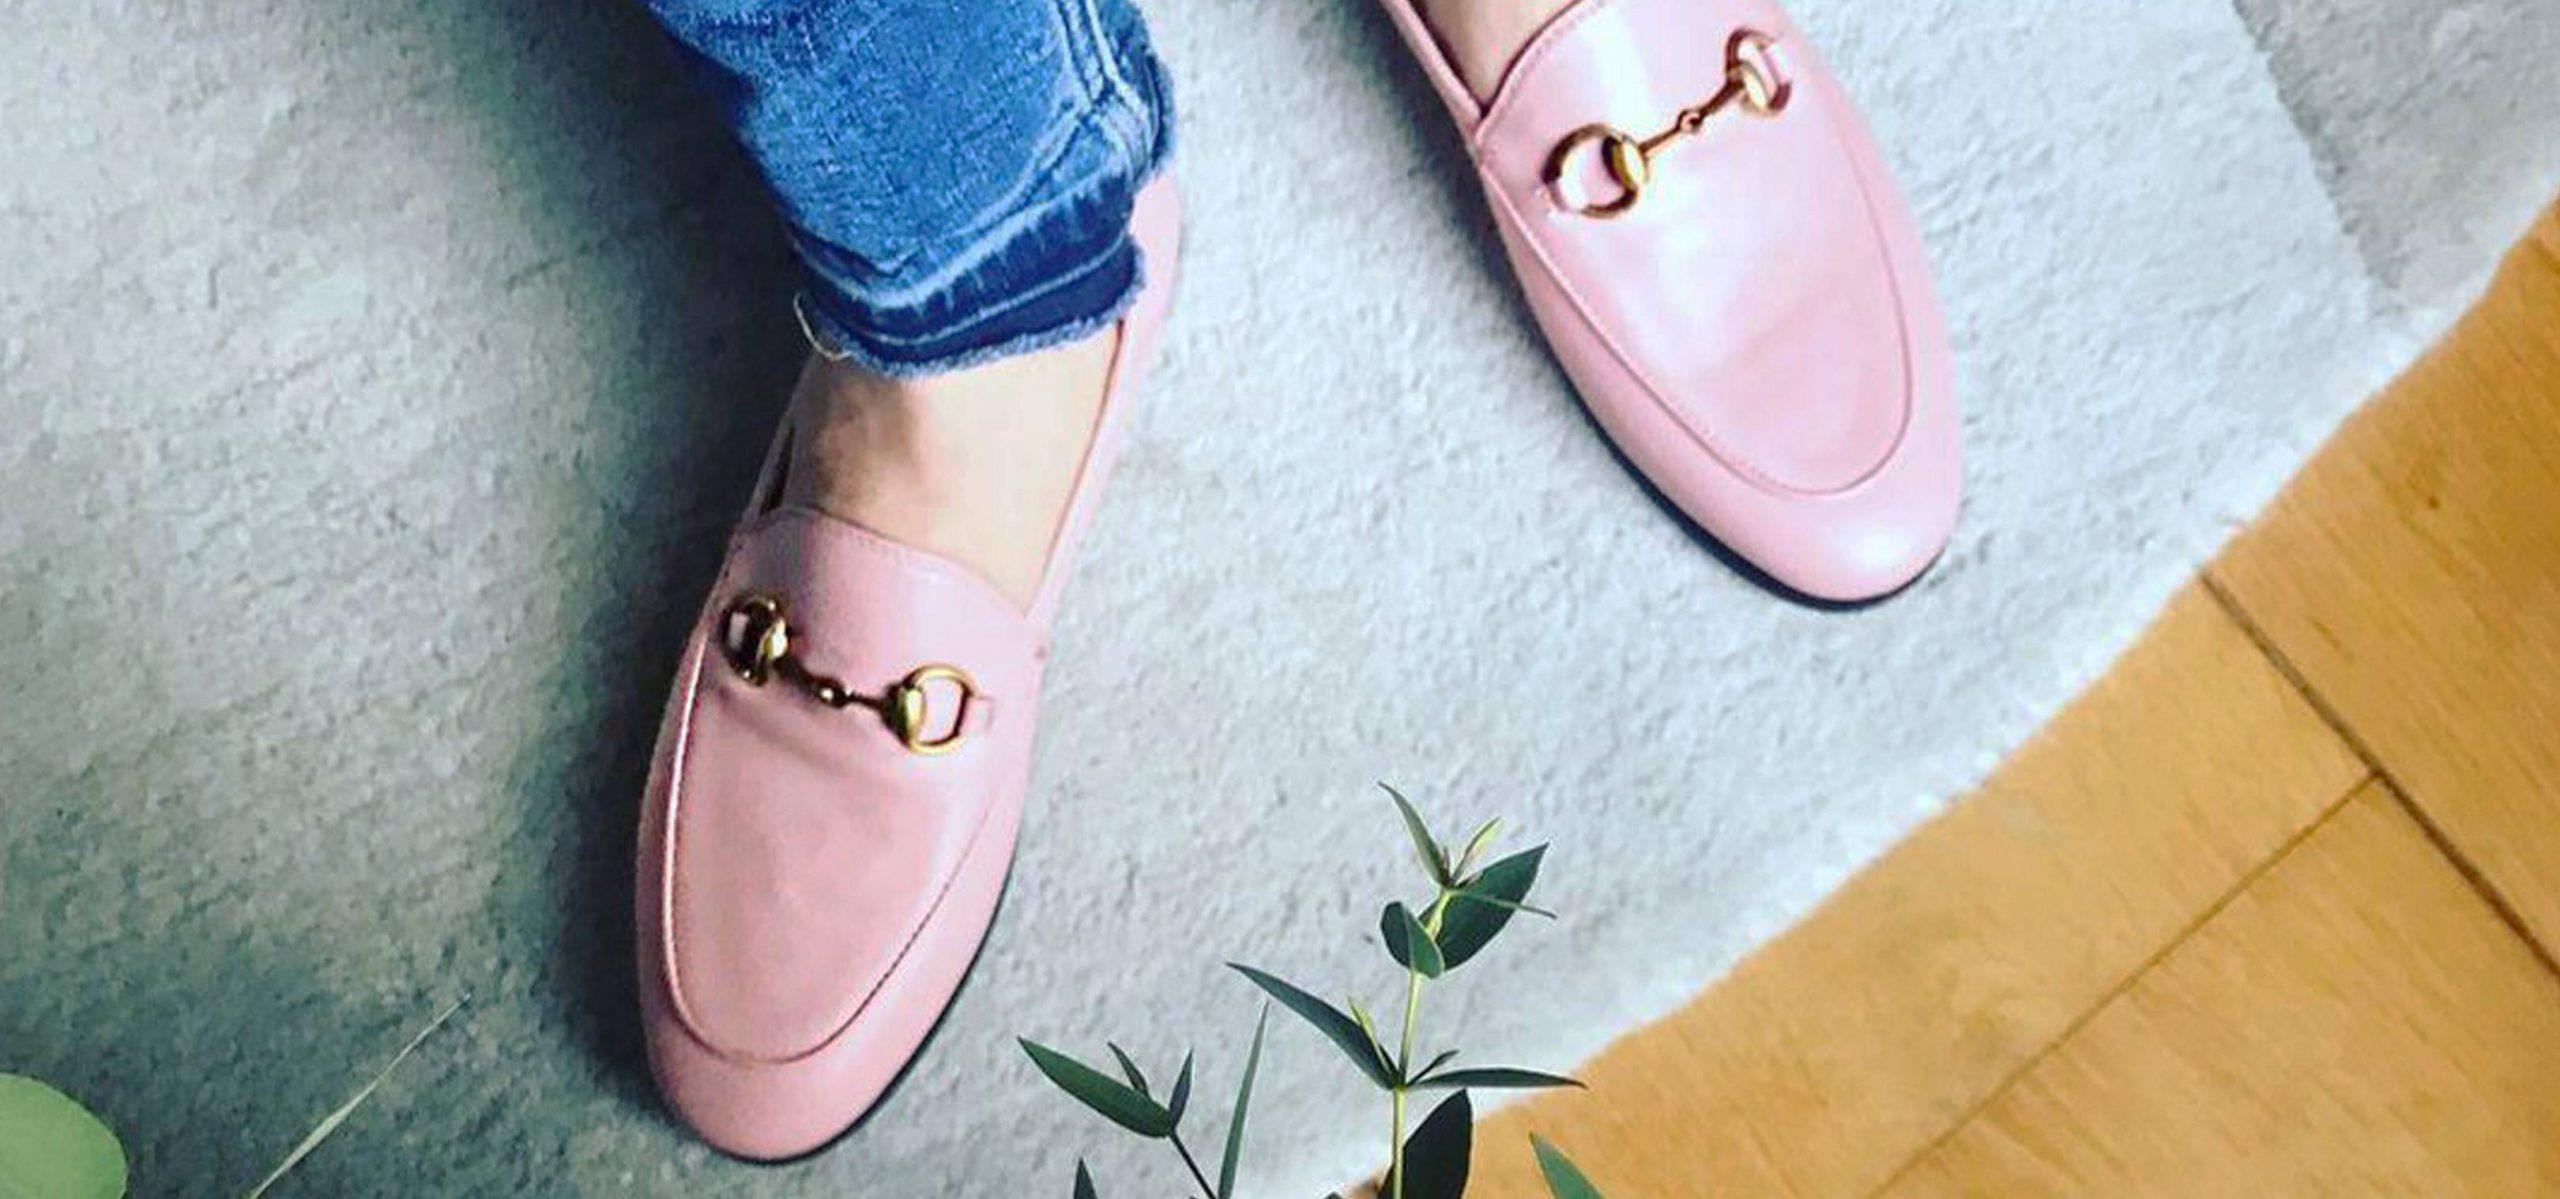 Je suis un directeur de la mode et ce sont les chaussures que je porte (presque) tous les jours